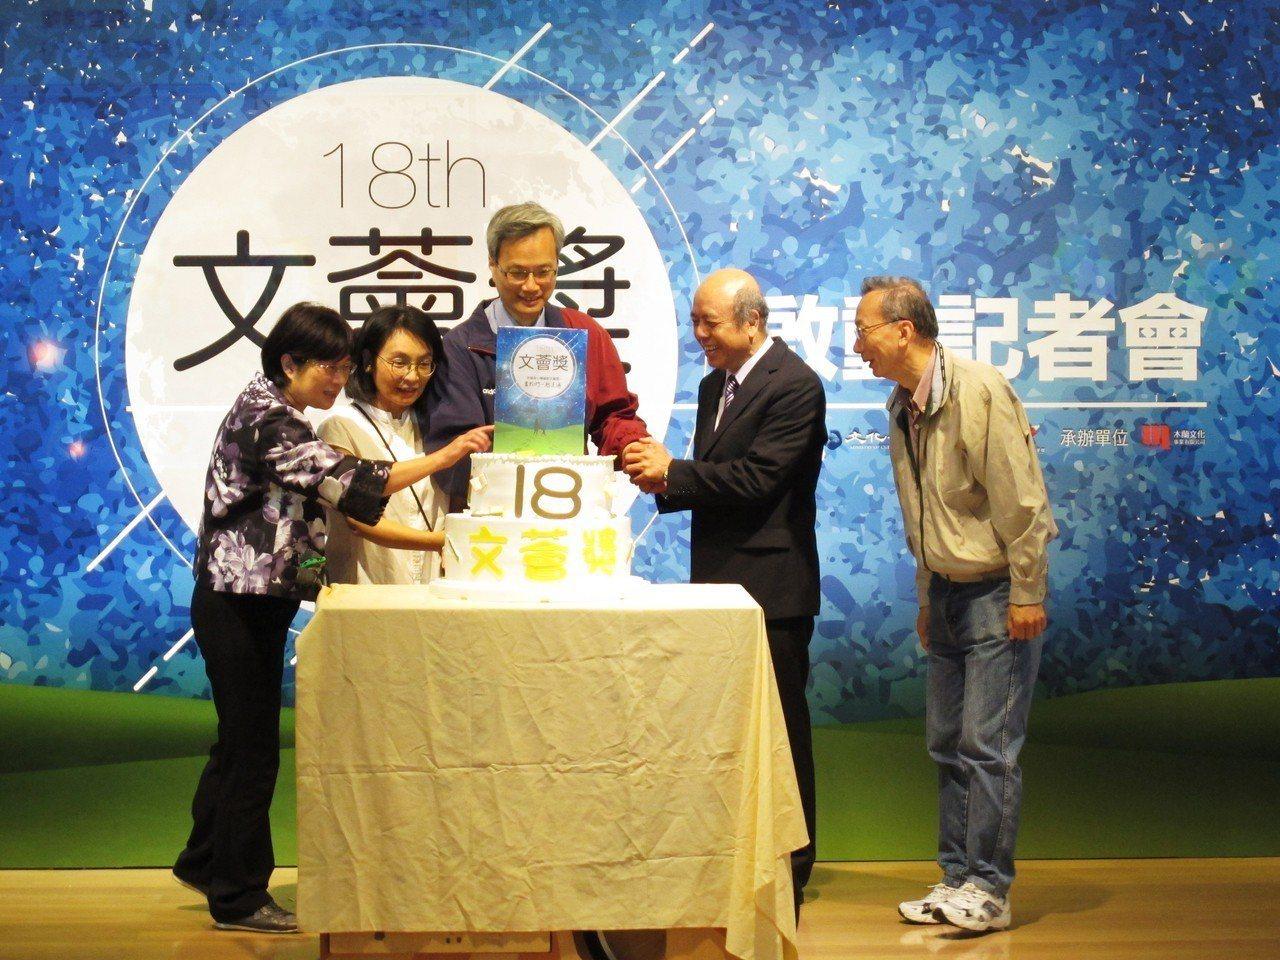 文獎舉辦至今已歷經18年,仿佛是一場成年禮,特別邀請大家一起為18周年慶生、切蛋...